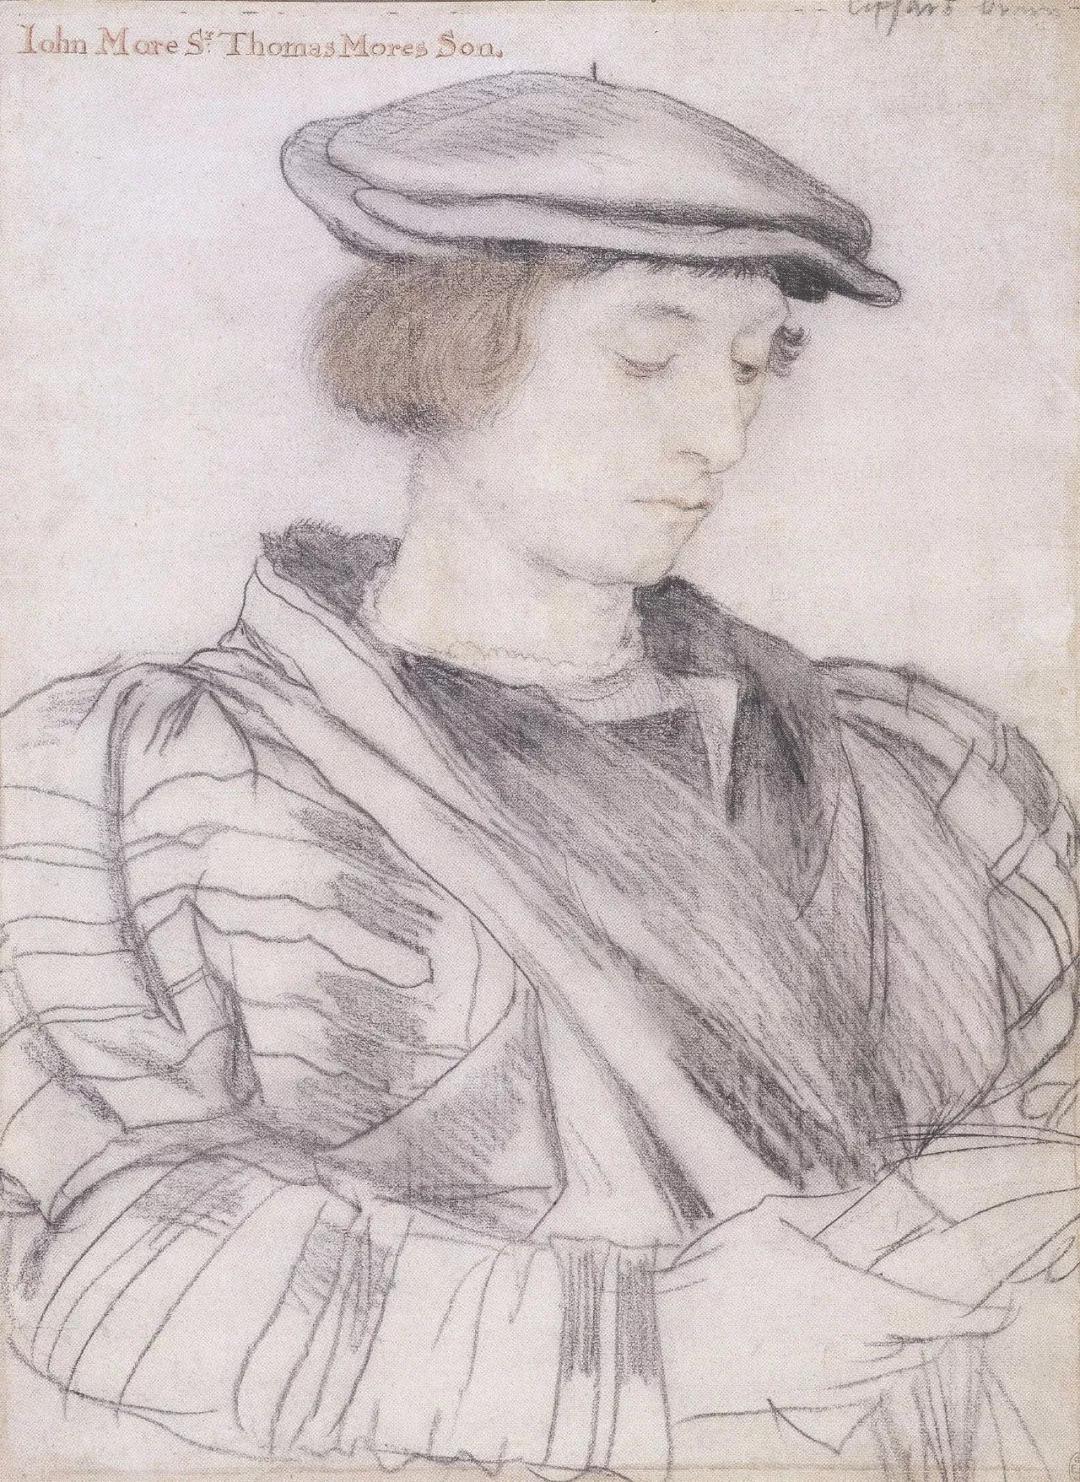 小荷尔拜因的肖像画风格细腻,注重性格和细节刻画,观察深入,毫无戏